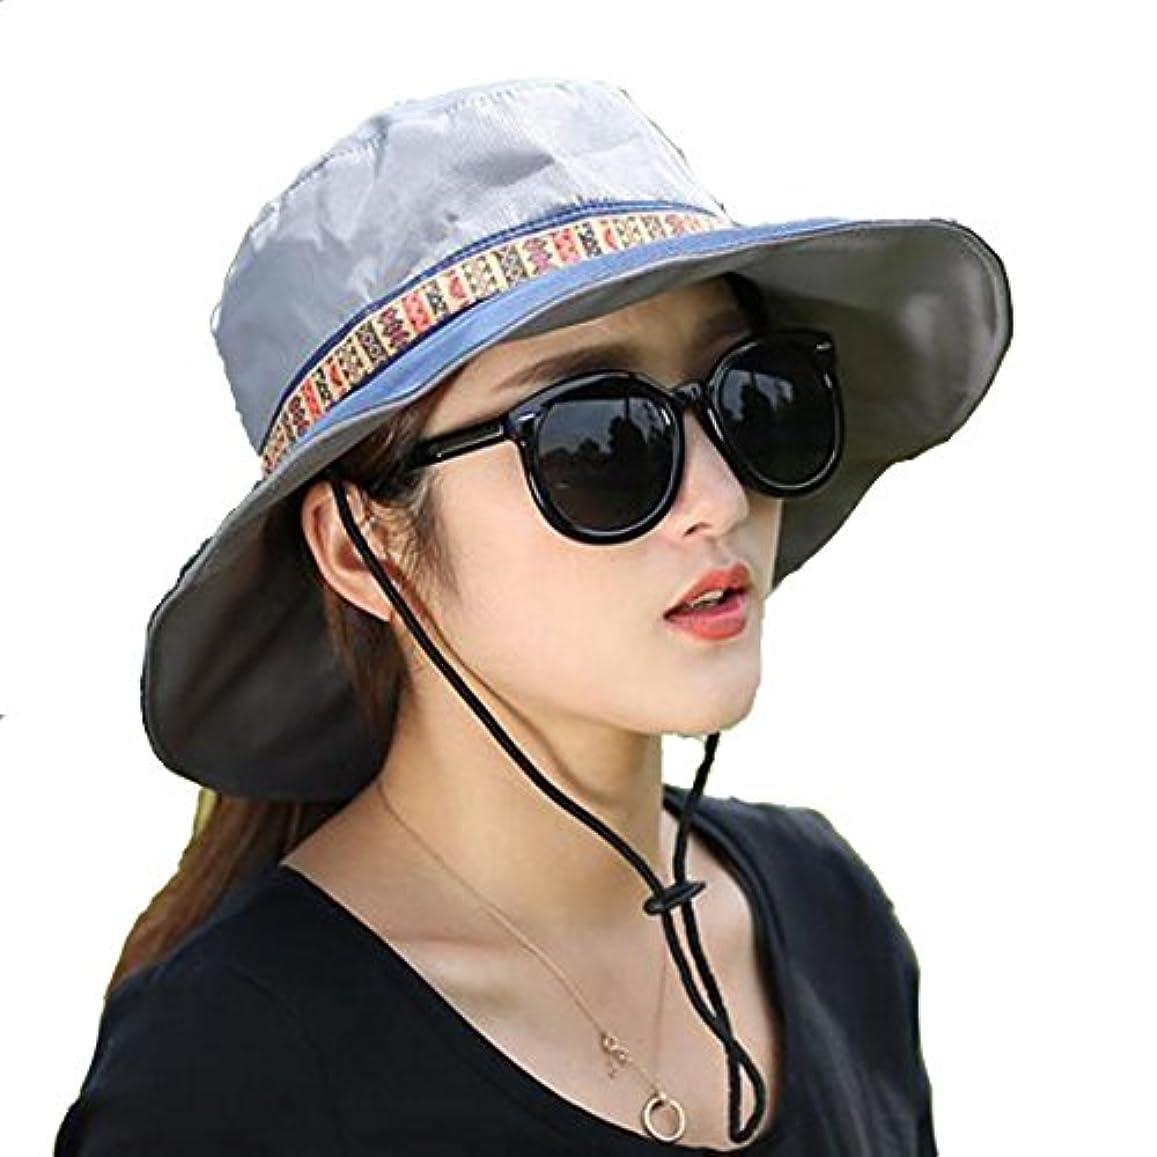 シアー豆ミルLittle椅子メンズレディースアウトドアSPF 50 + UV保護太陽登山釣りキャップバケットBoonie Hat